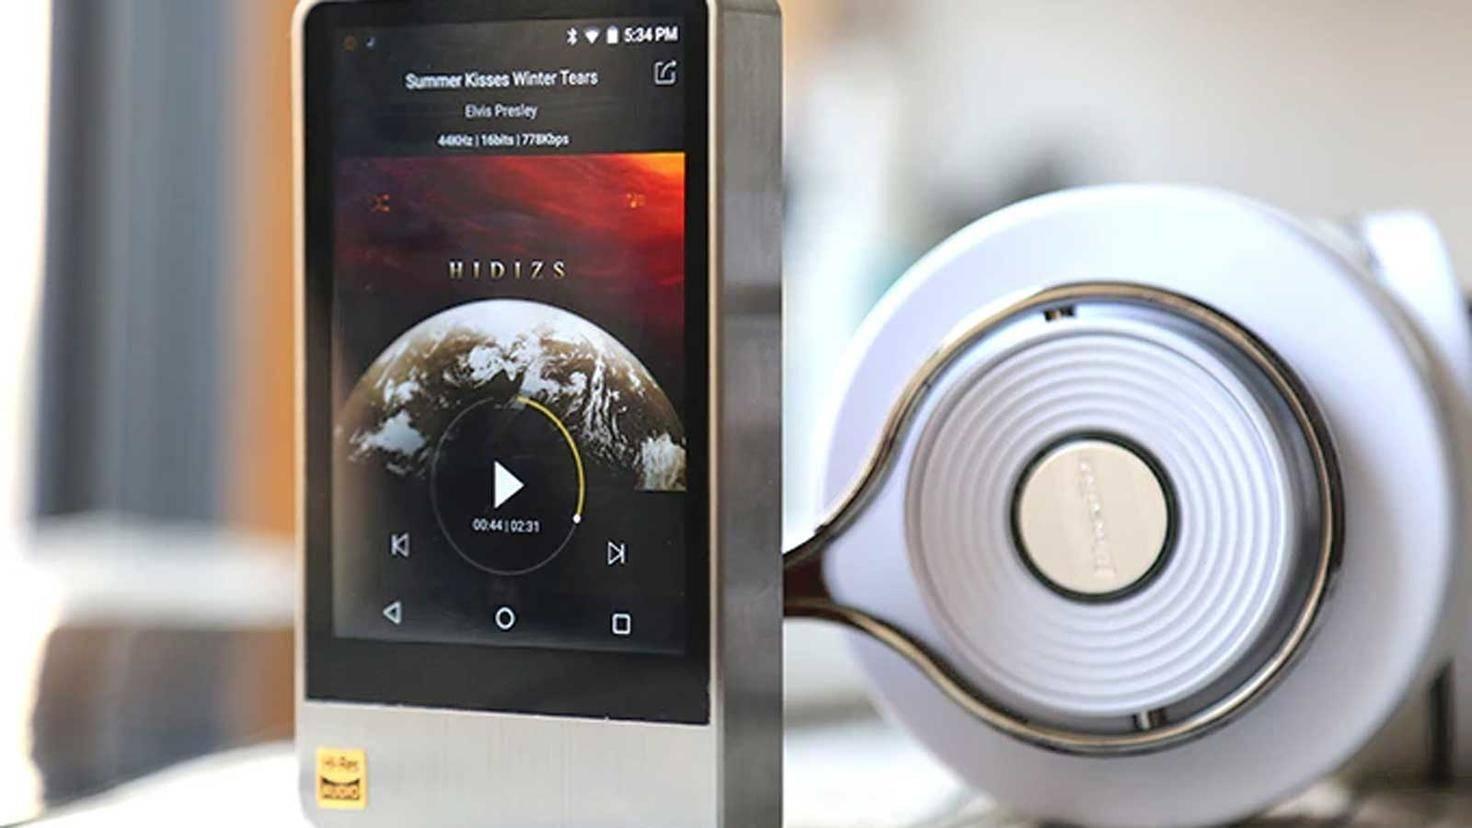 HIDIZIS AP200 MP3-Player